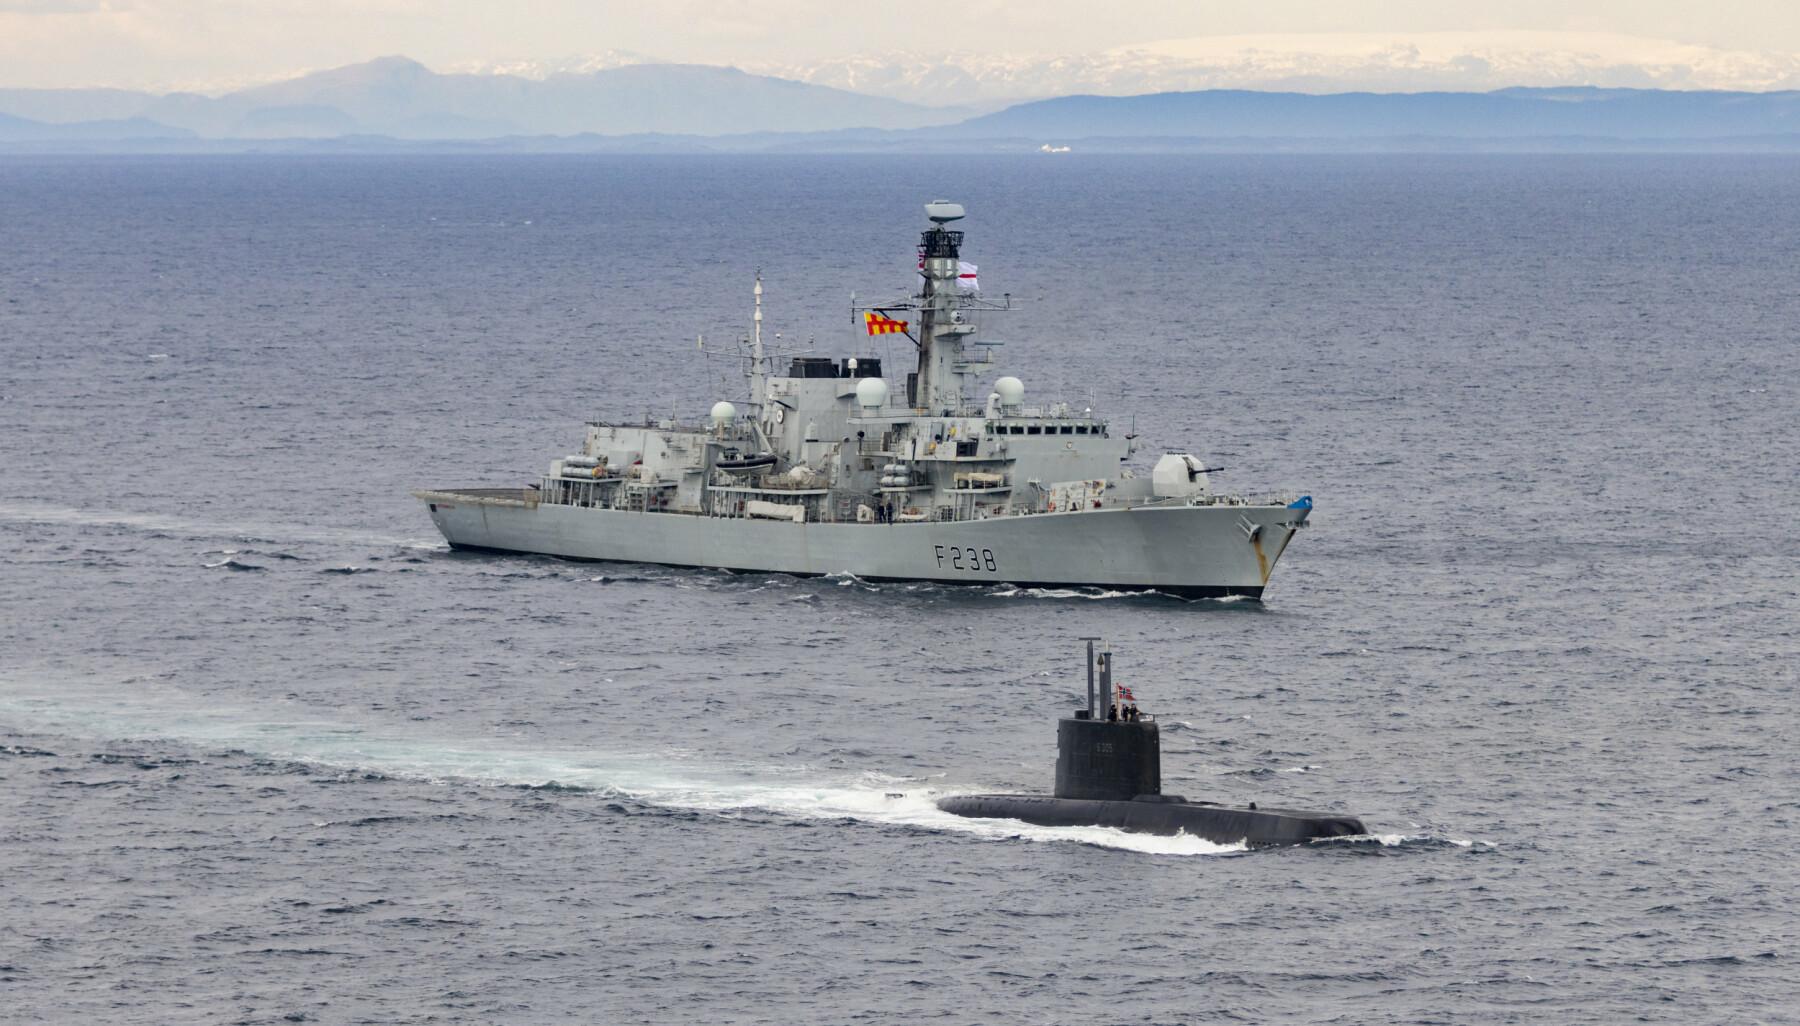 ANTI-UBÅTKRIGFØRING: HMS Northumberland er en stillegående fregatt som er designa for anti-ubåtkrigføring